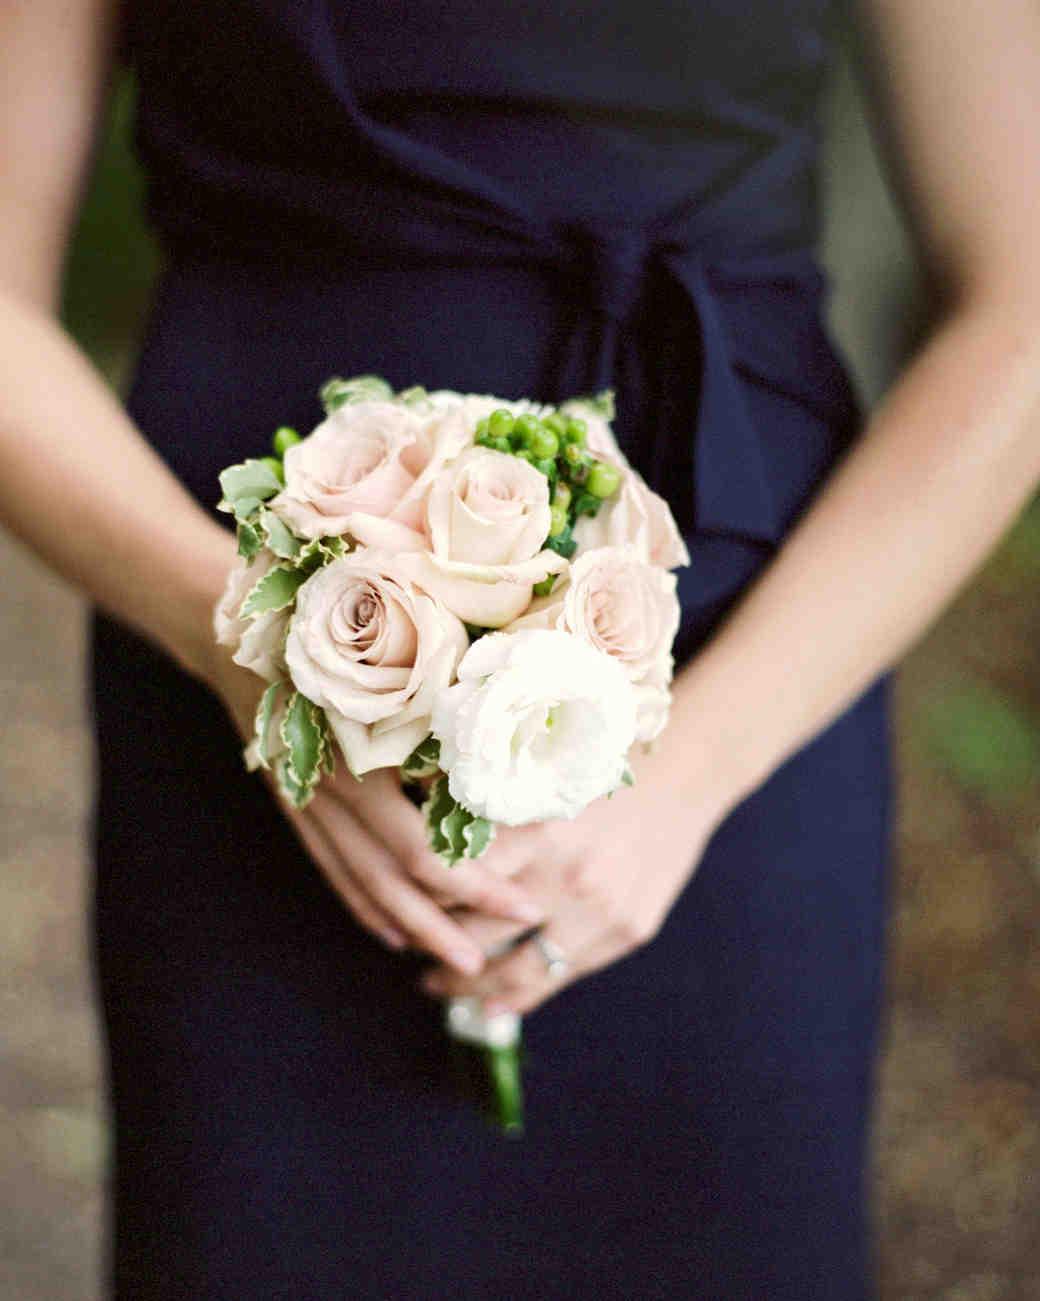 anna-don-wedding-bouquet-0714.jpg